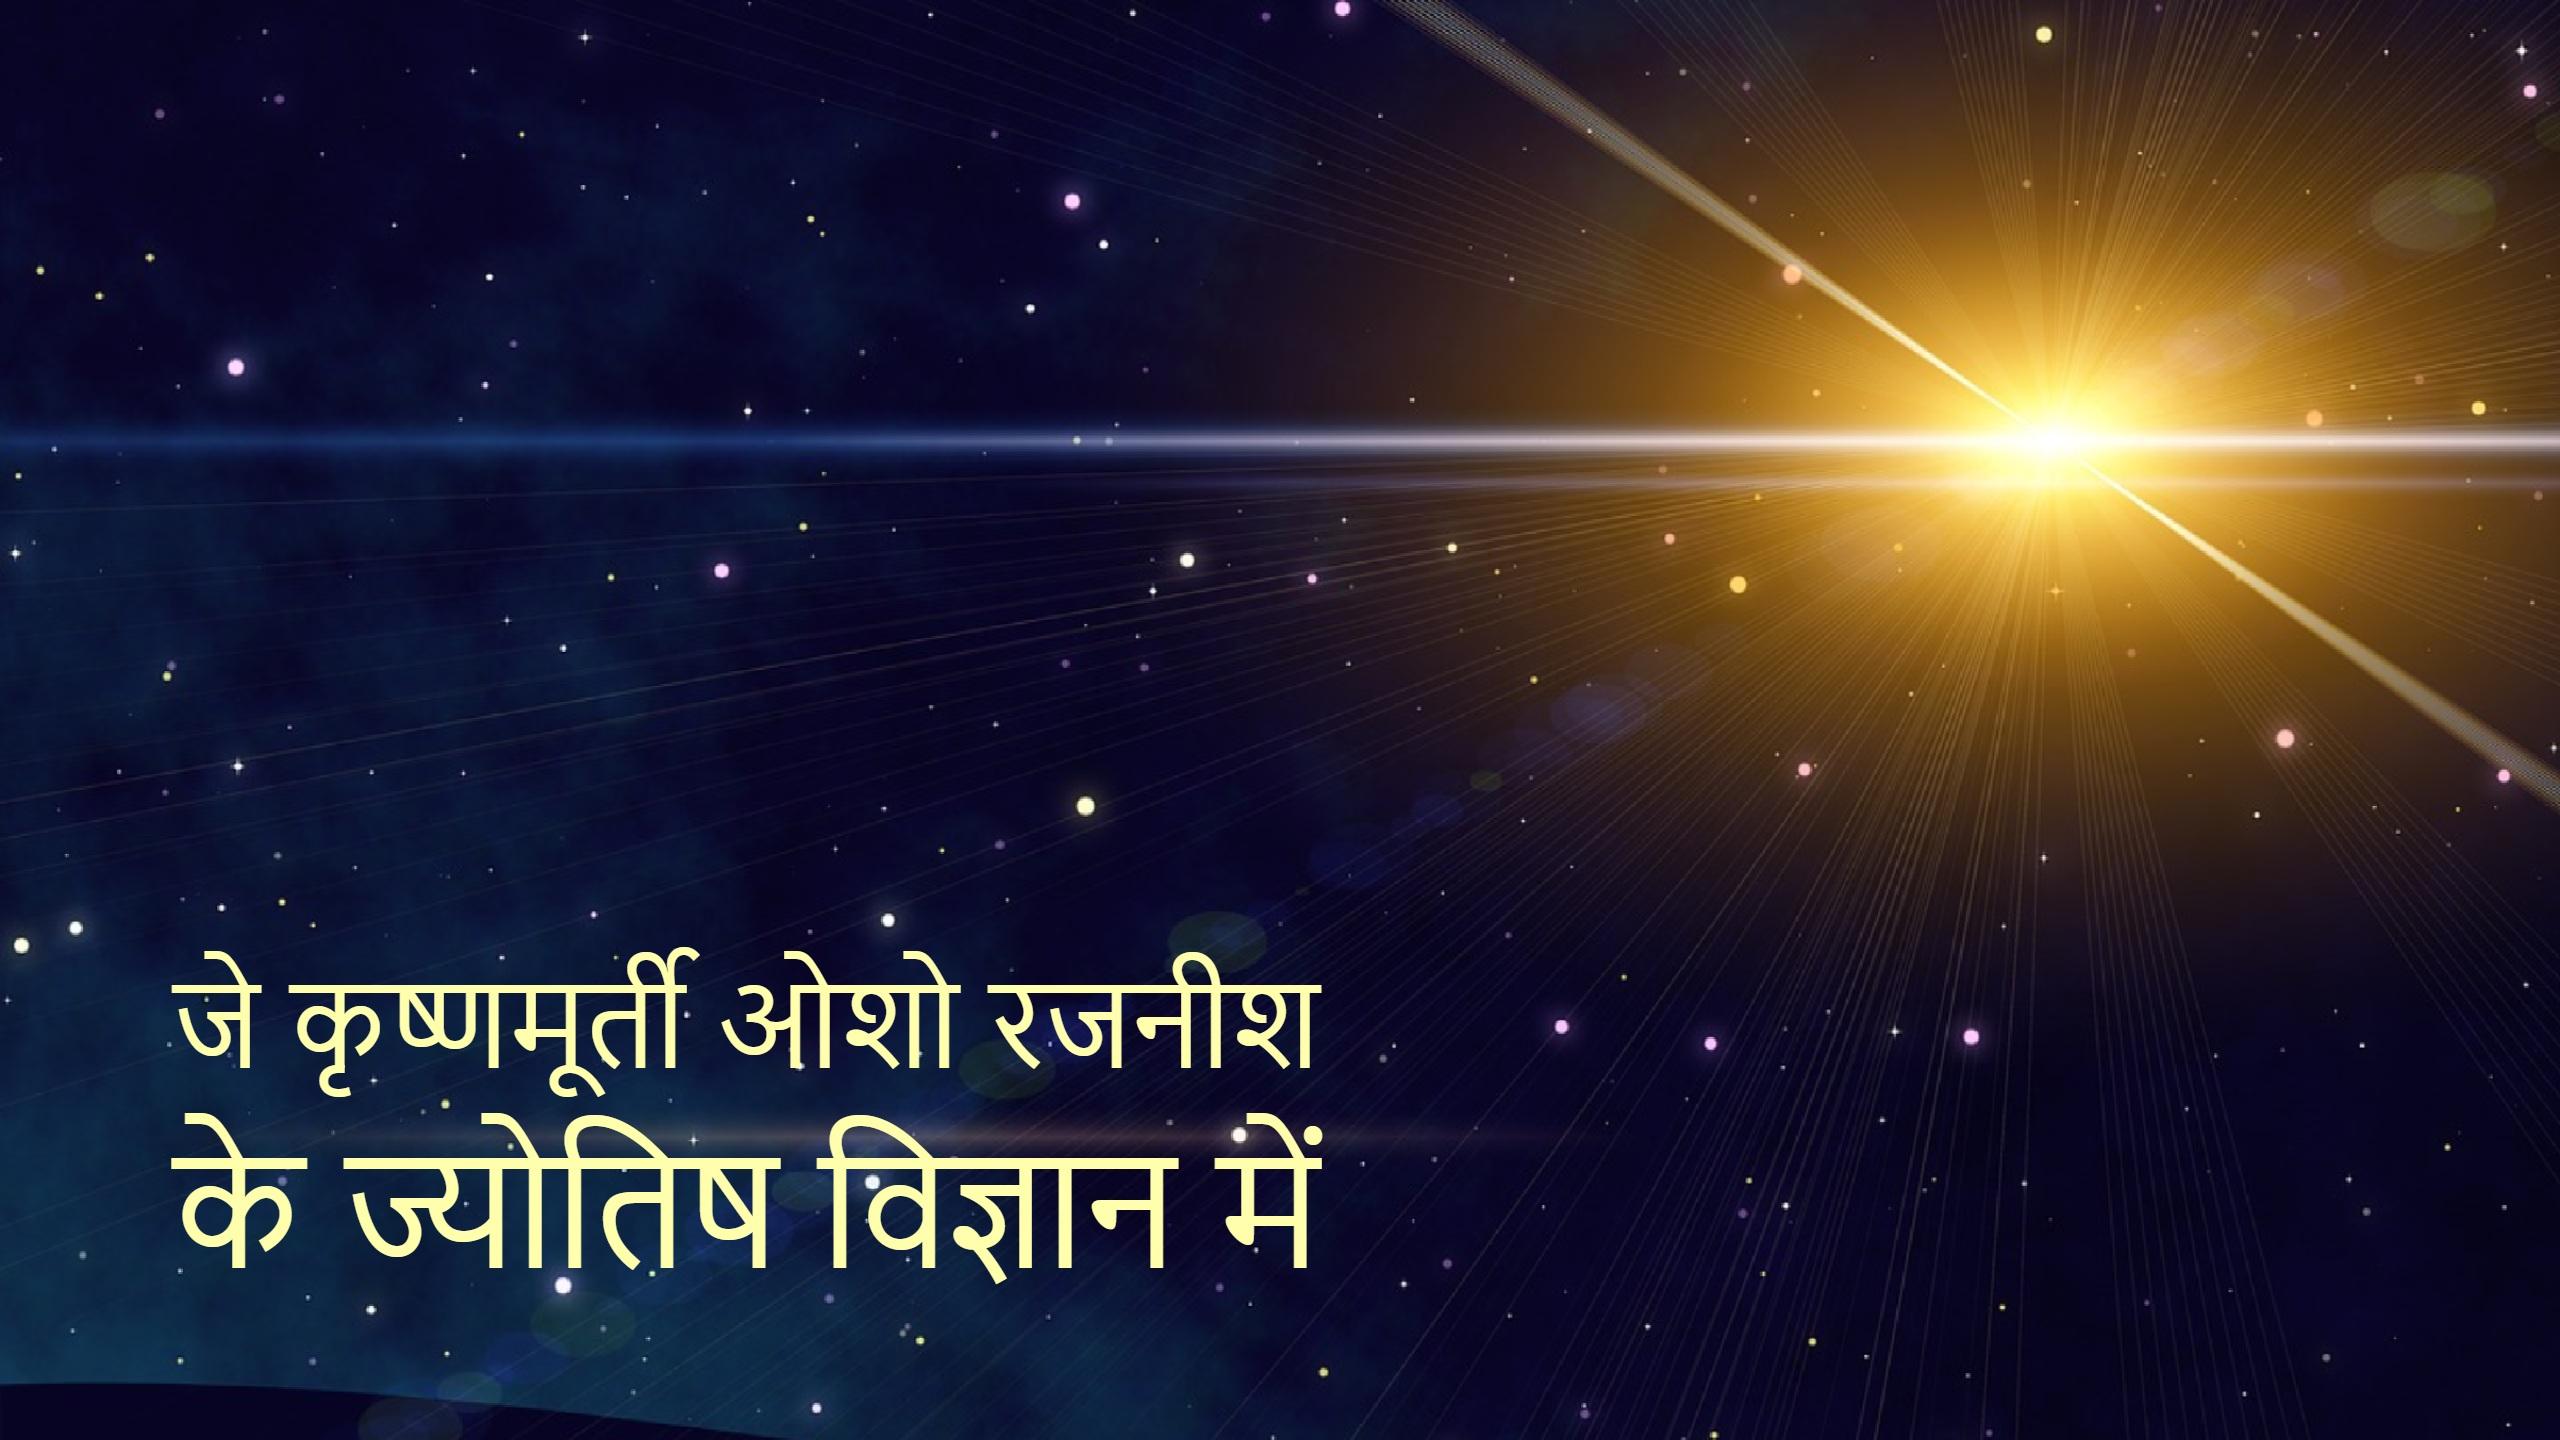 जे कृष्णमूर्ती ओशो रजनीश के ज्योतिष विज्ञान में